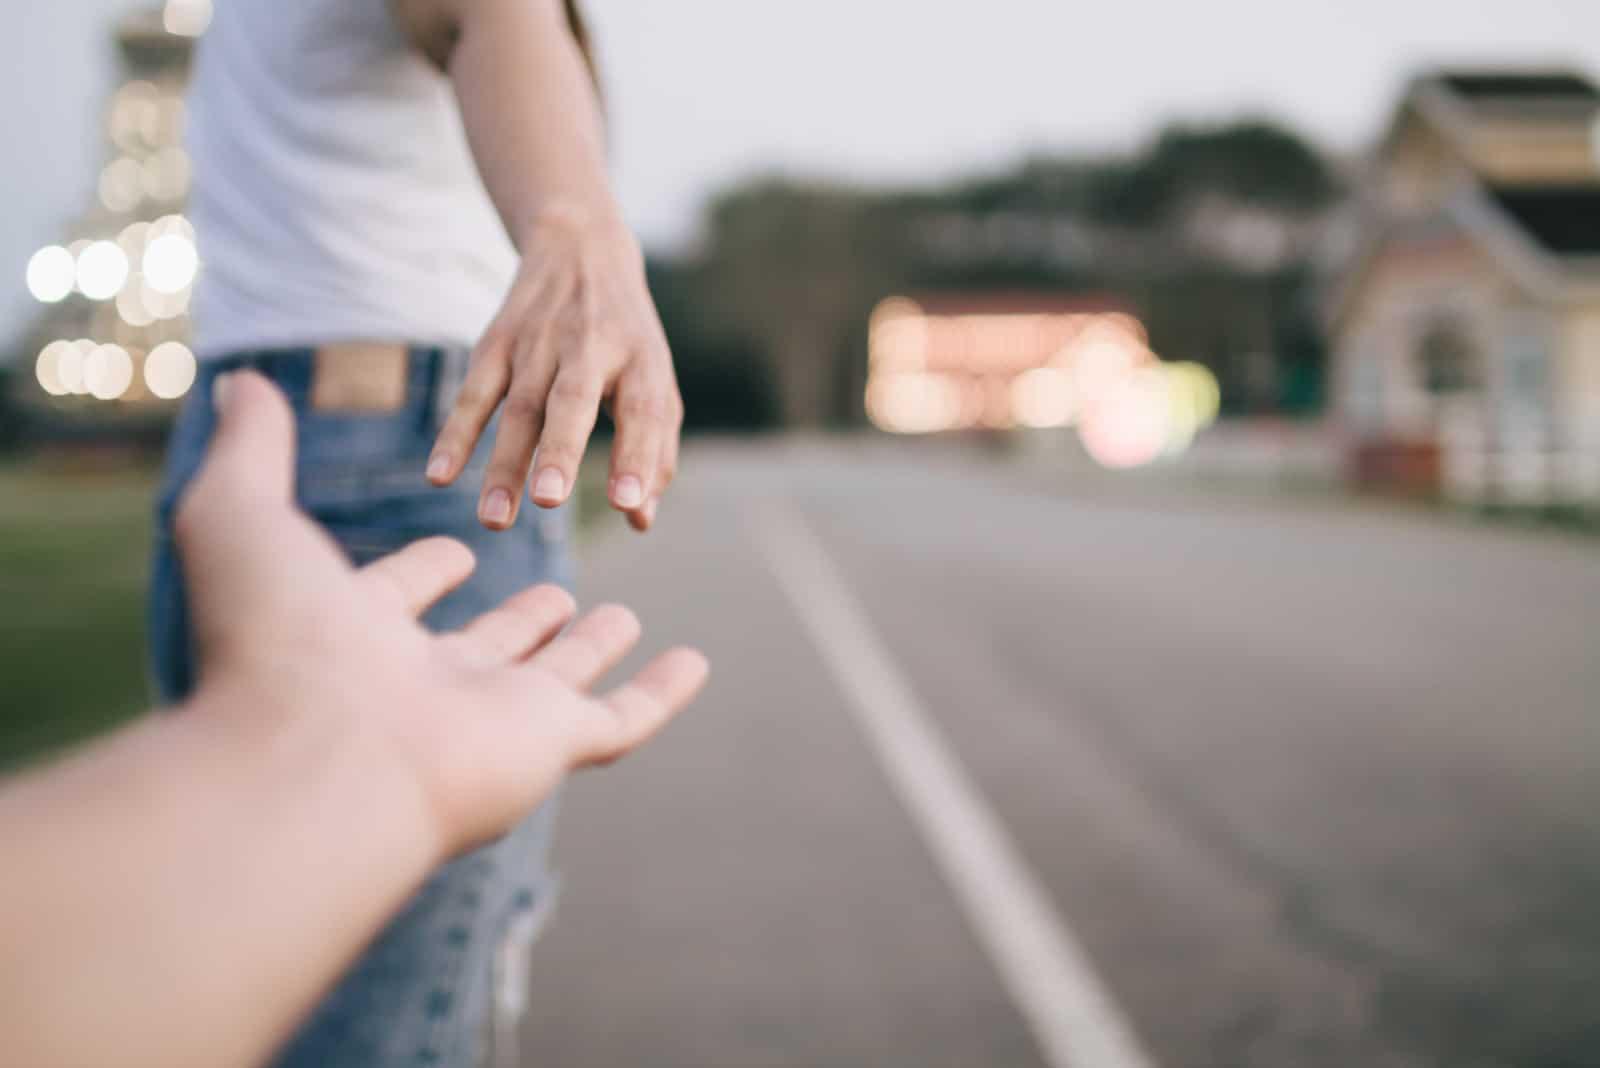 les mains d'un homme et d'une femme